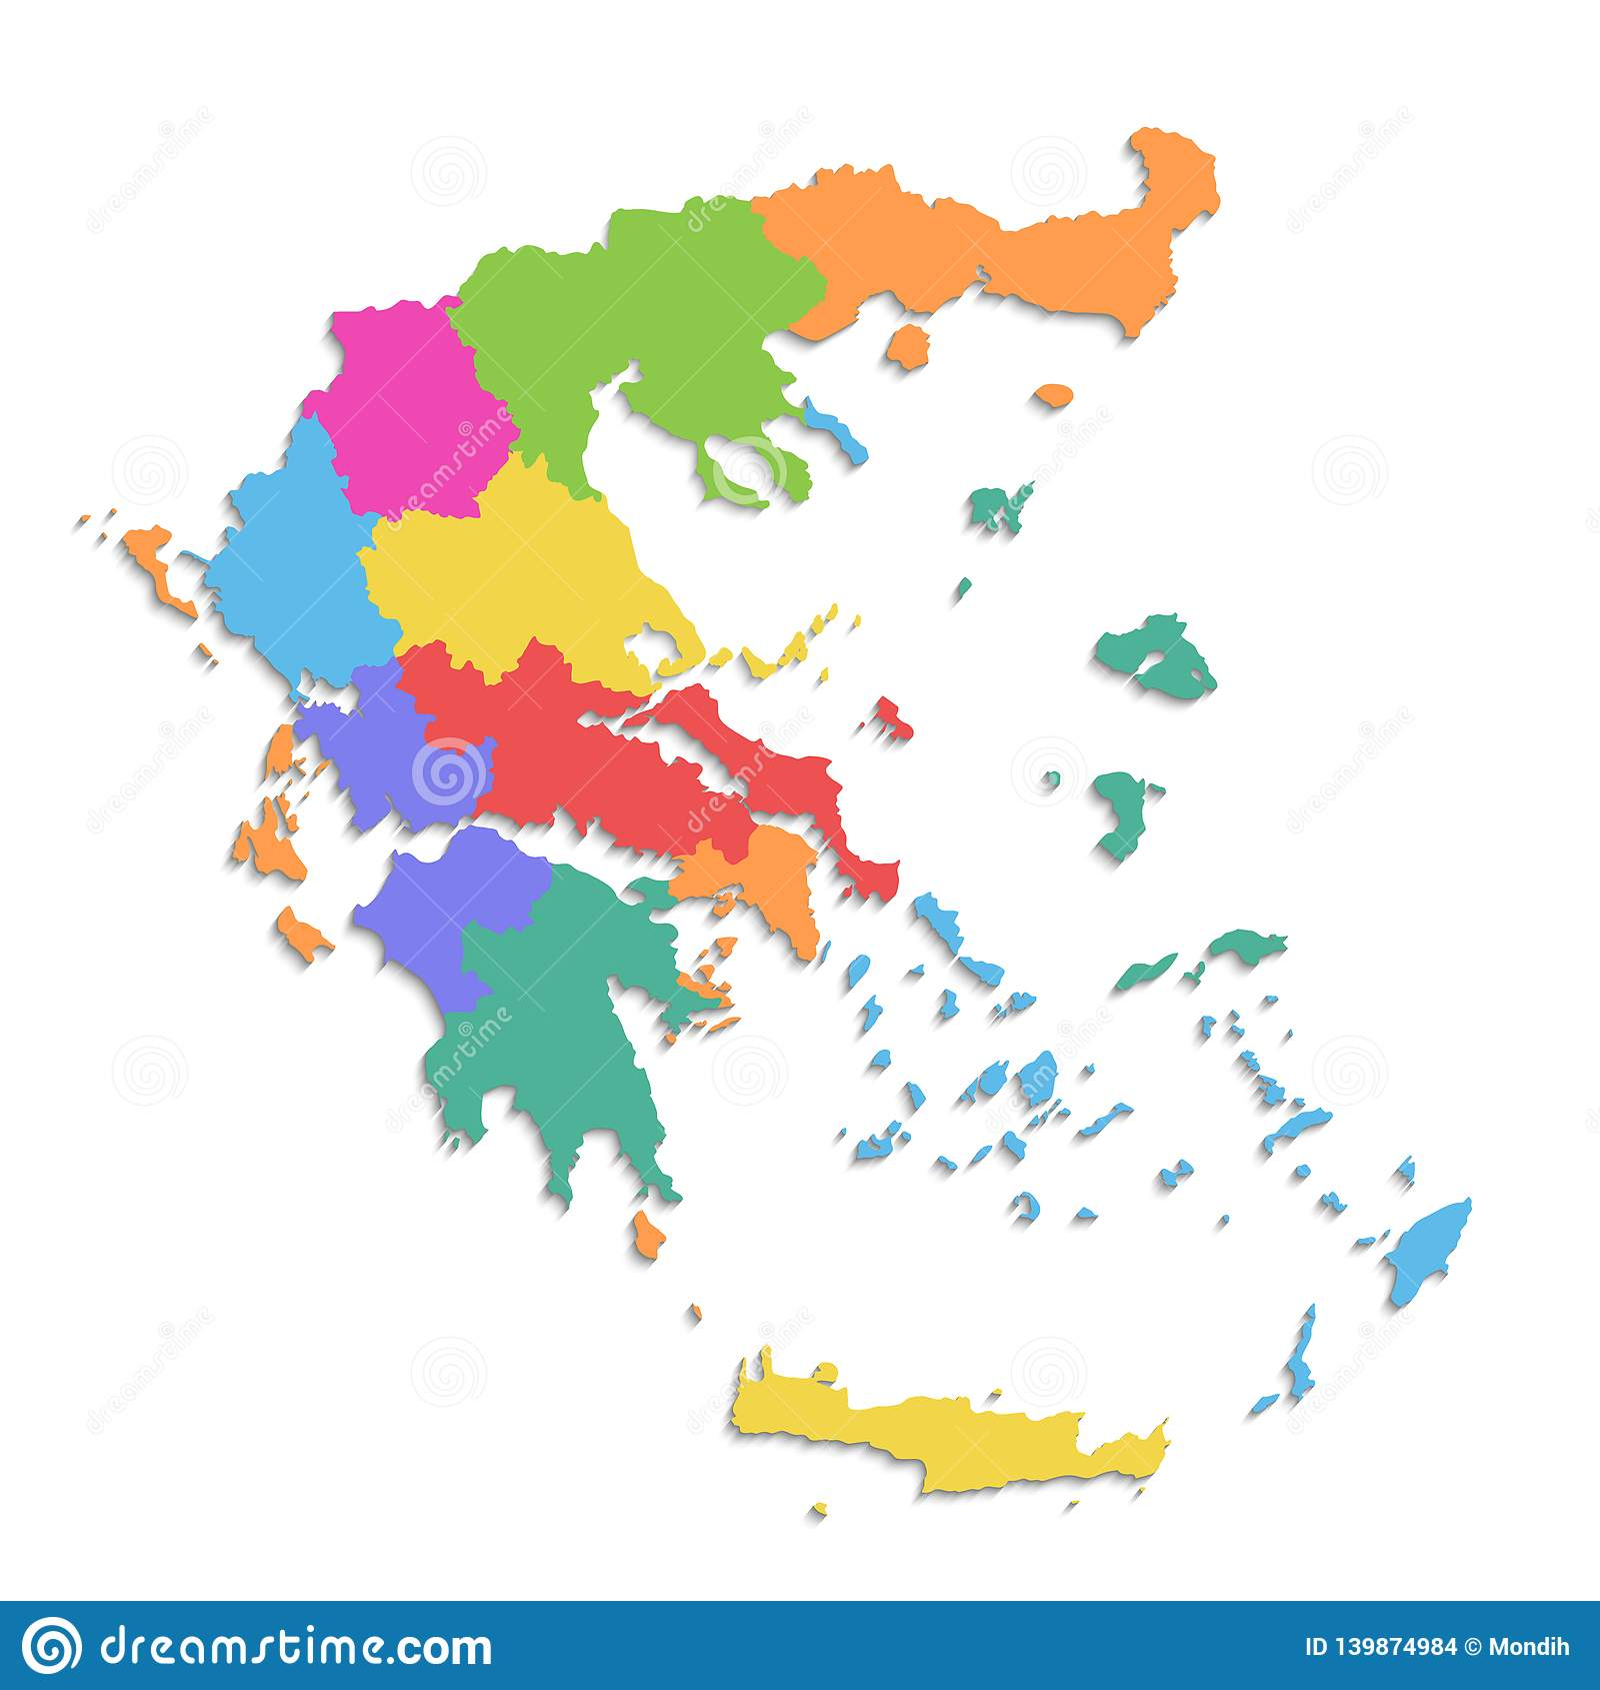 Mapa Politico De Grecia.Mapa De Grecia Nuevo Mapa Detallado Politico Regiones